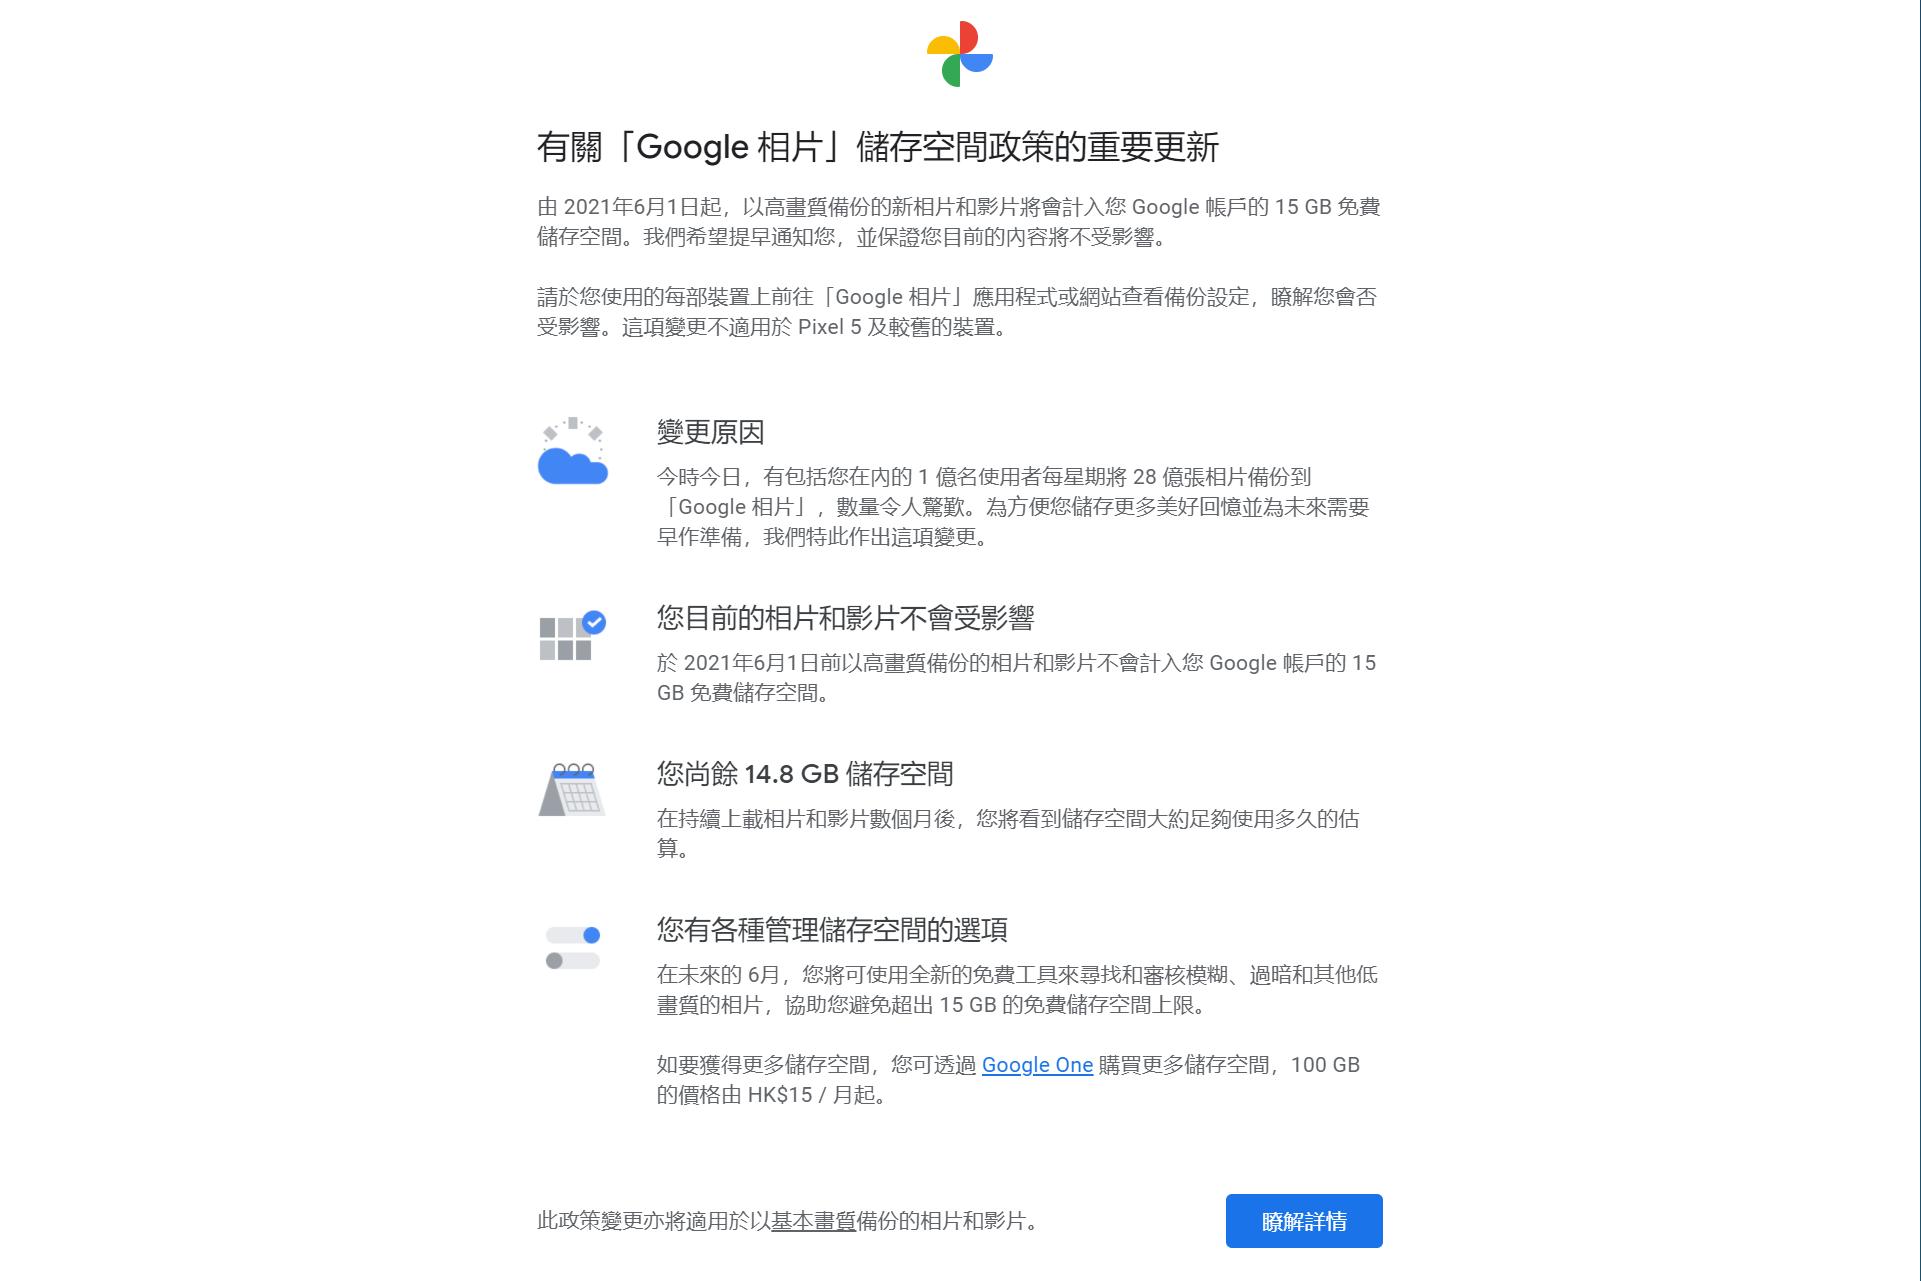 自建 NAS 備份 Google Photos 移民 Step-by-Step6